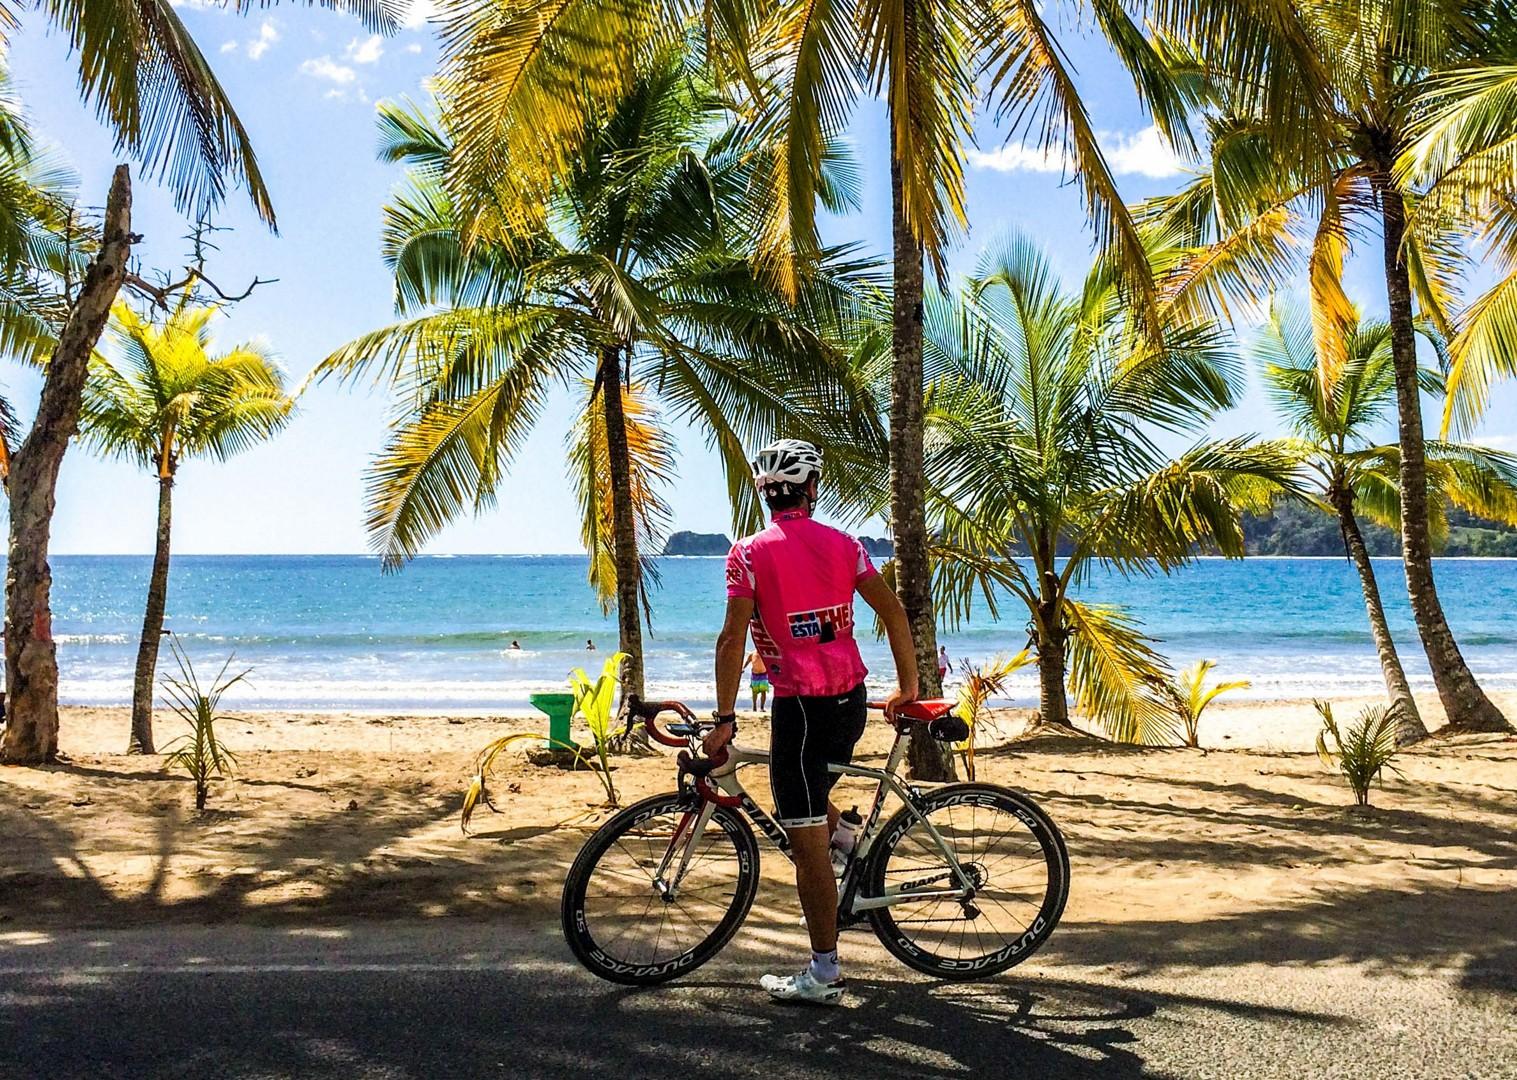 IMG_3055.jpg - Costa Rica - Ruta de los Volcanes - Road Cycling